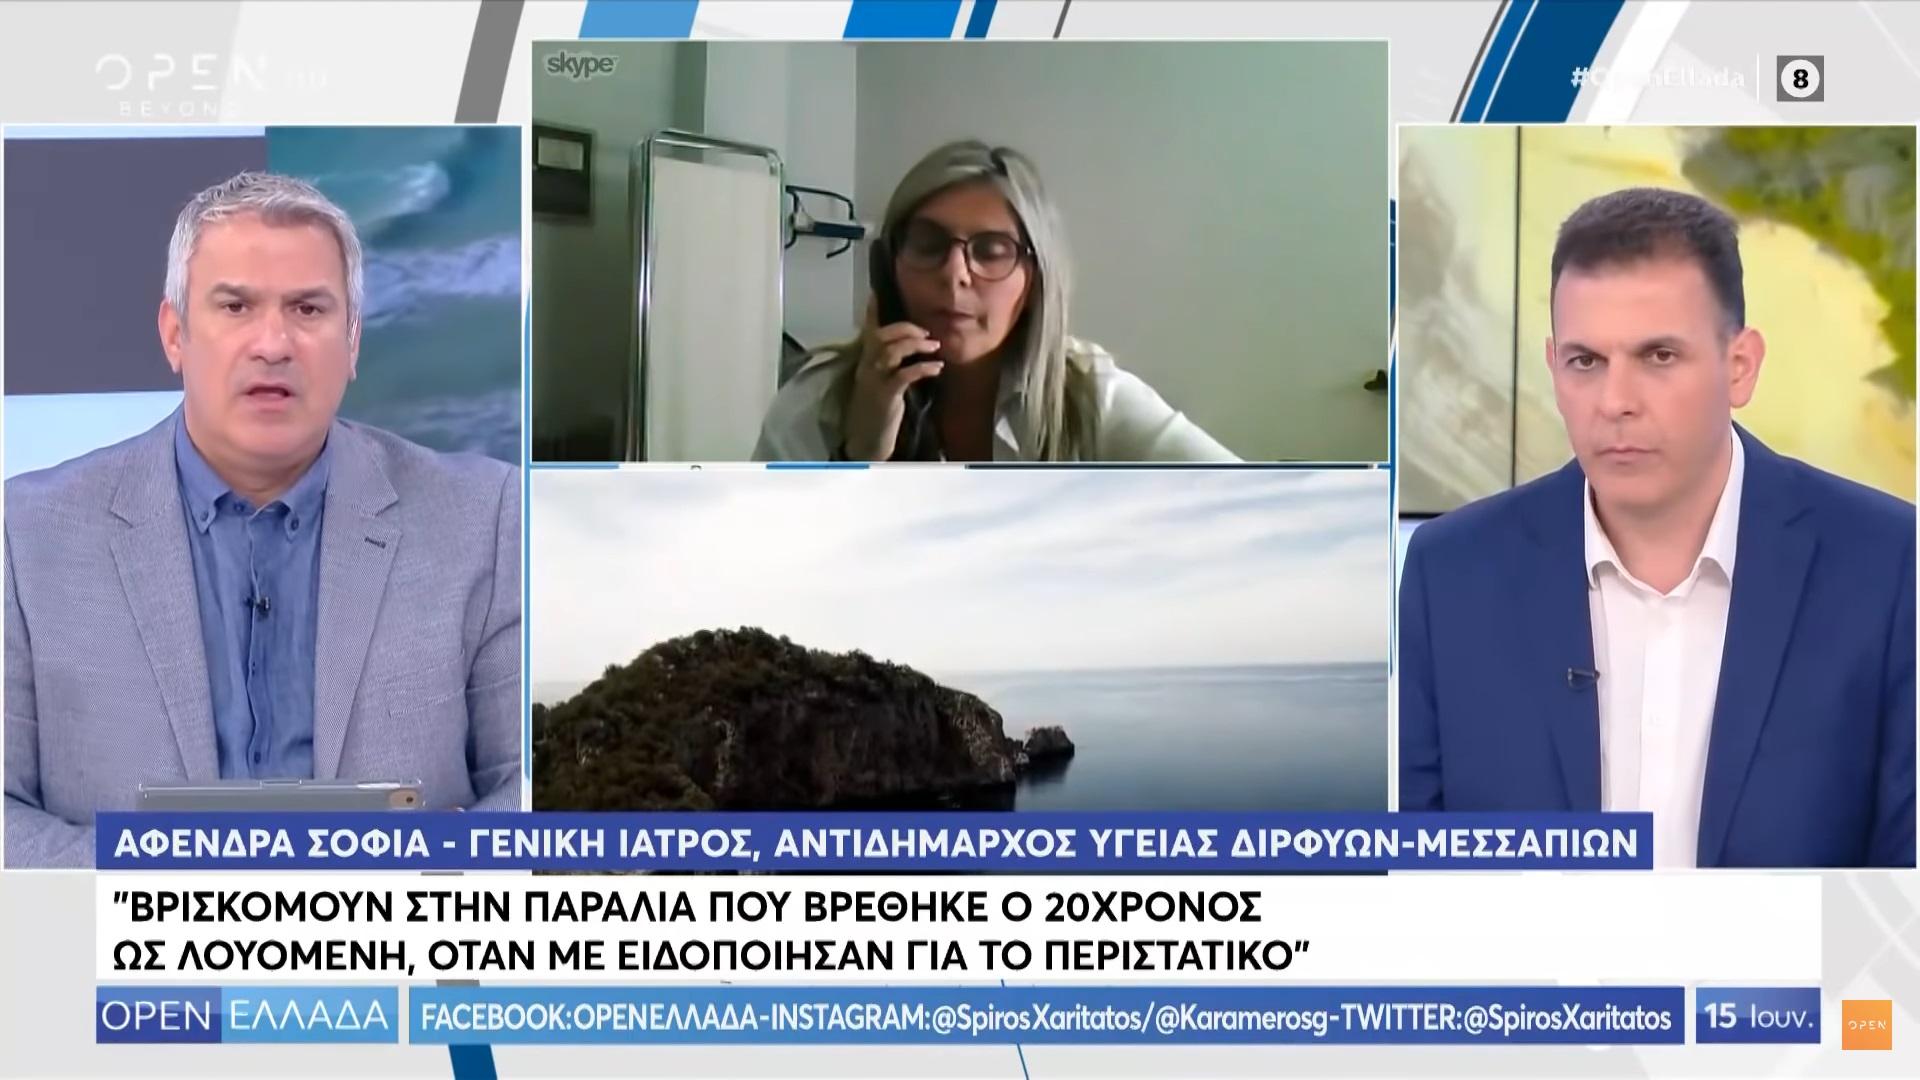 Η Σοφία Αφένδρα στο Open Ελλάδα, Η Σοφία Αφένδρα στο Open Ελλάδα, για τον θάνατο του 20χρονου στην Χιλιαδού, Eviathema.gr | ΕΥΒΟΙΑ ΝΕΑ - Νέα και ειδήσεις από όλη την Εύβοια